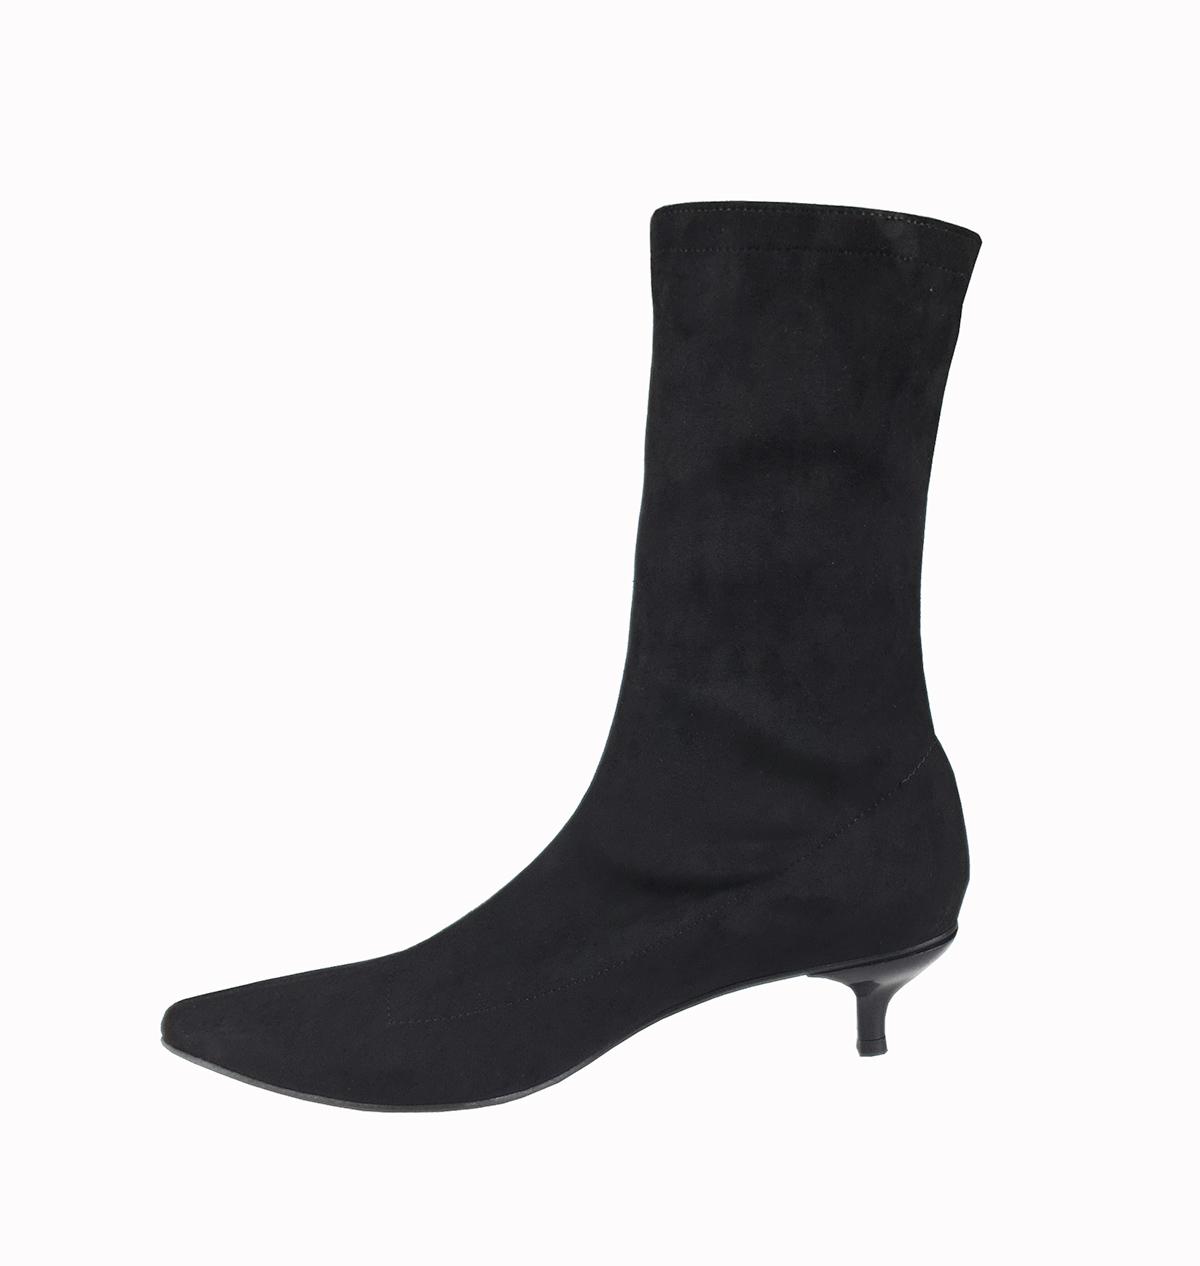 Kitty low heel sock boots in black